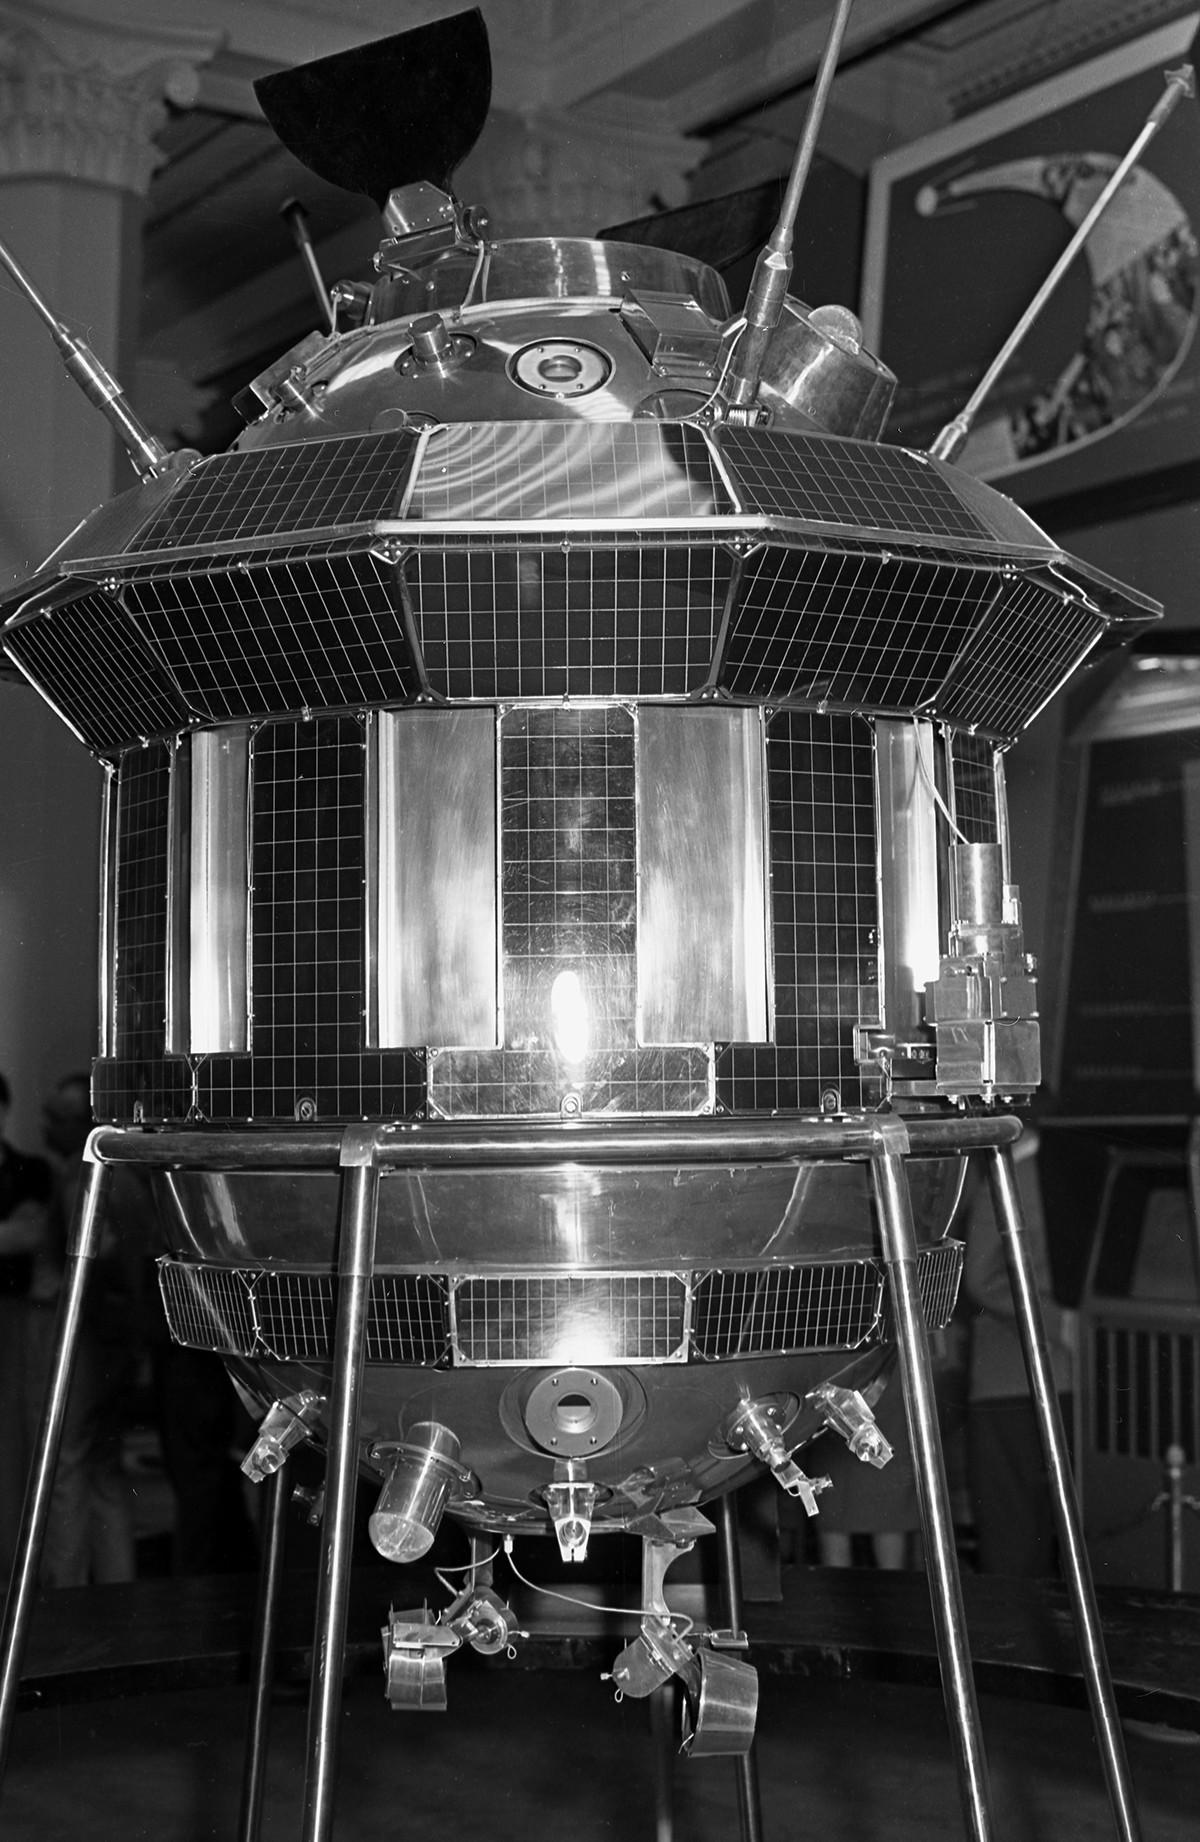 Un modellino della stazione sovietica Luna-3